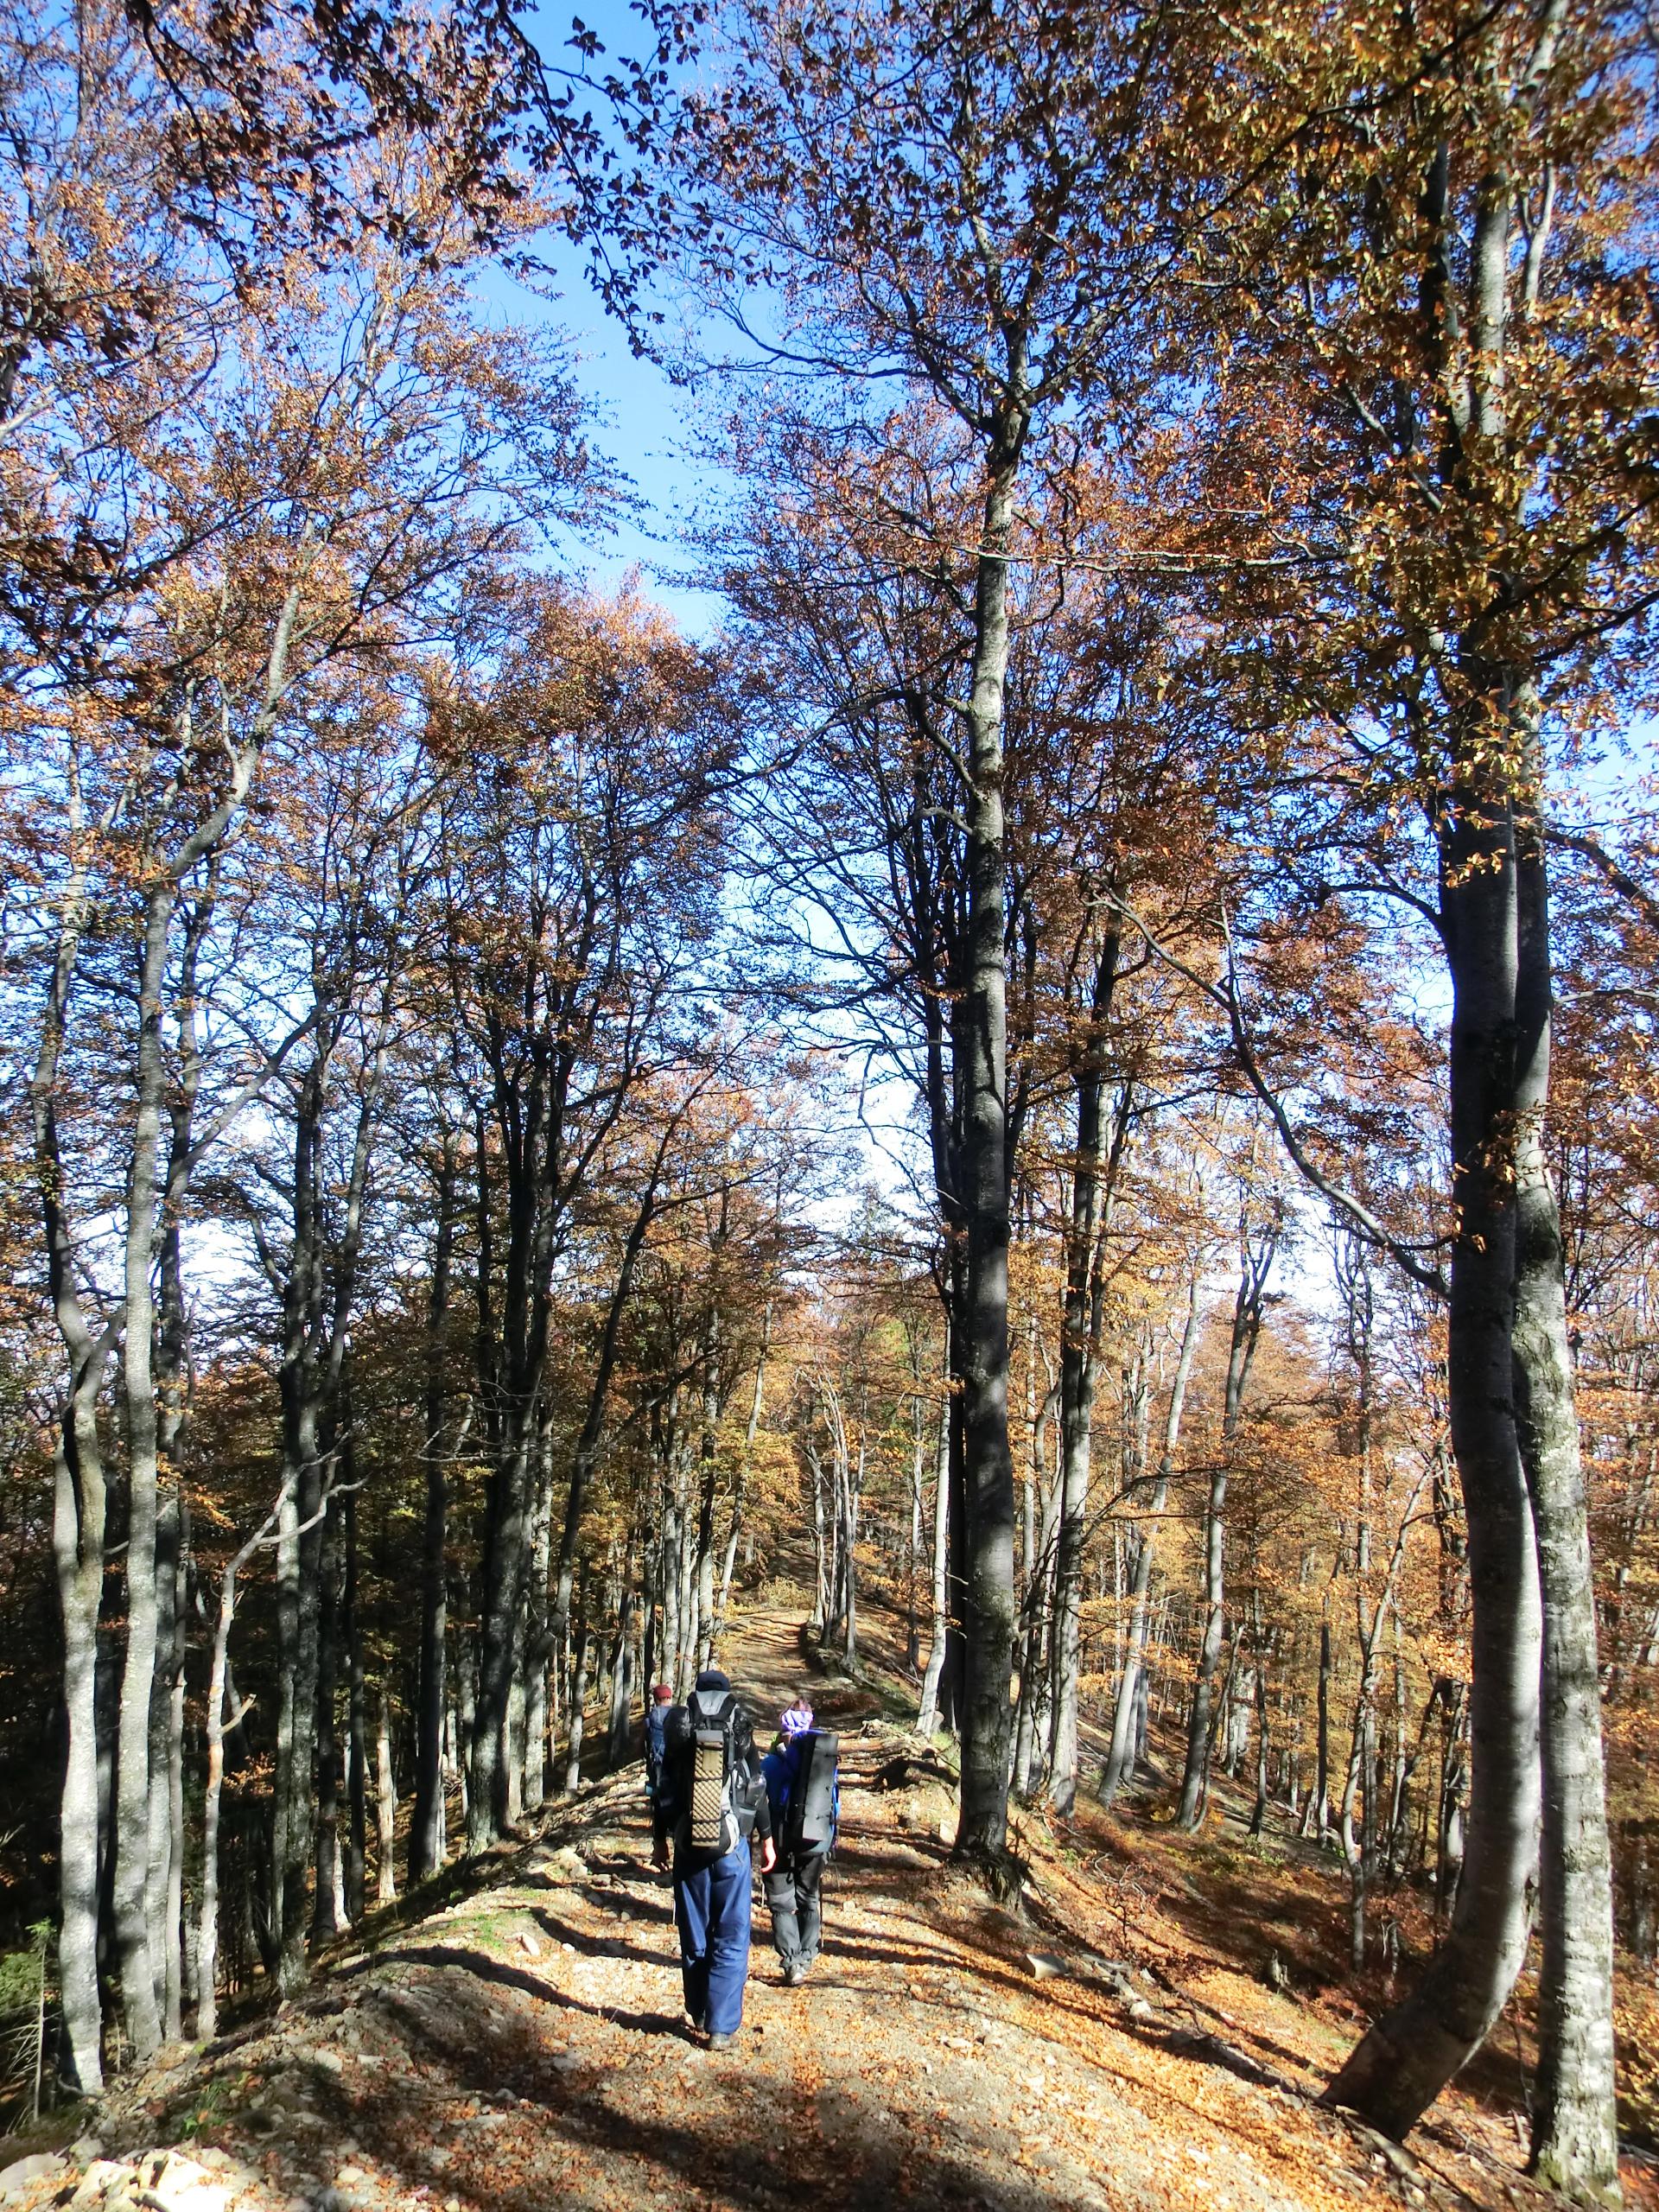 217 - 13.10.2013 - Pe drumul forestier - Tură Muntele Coza